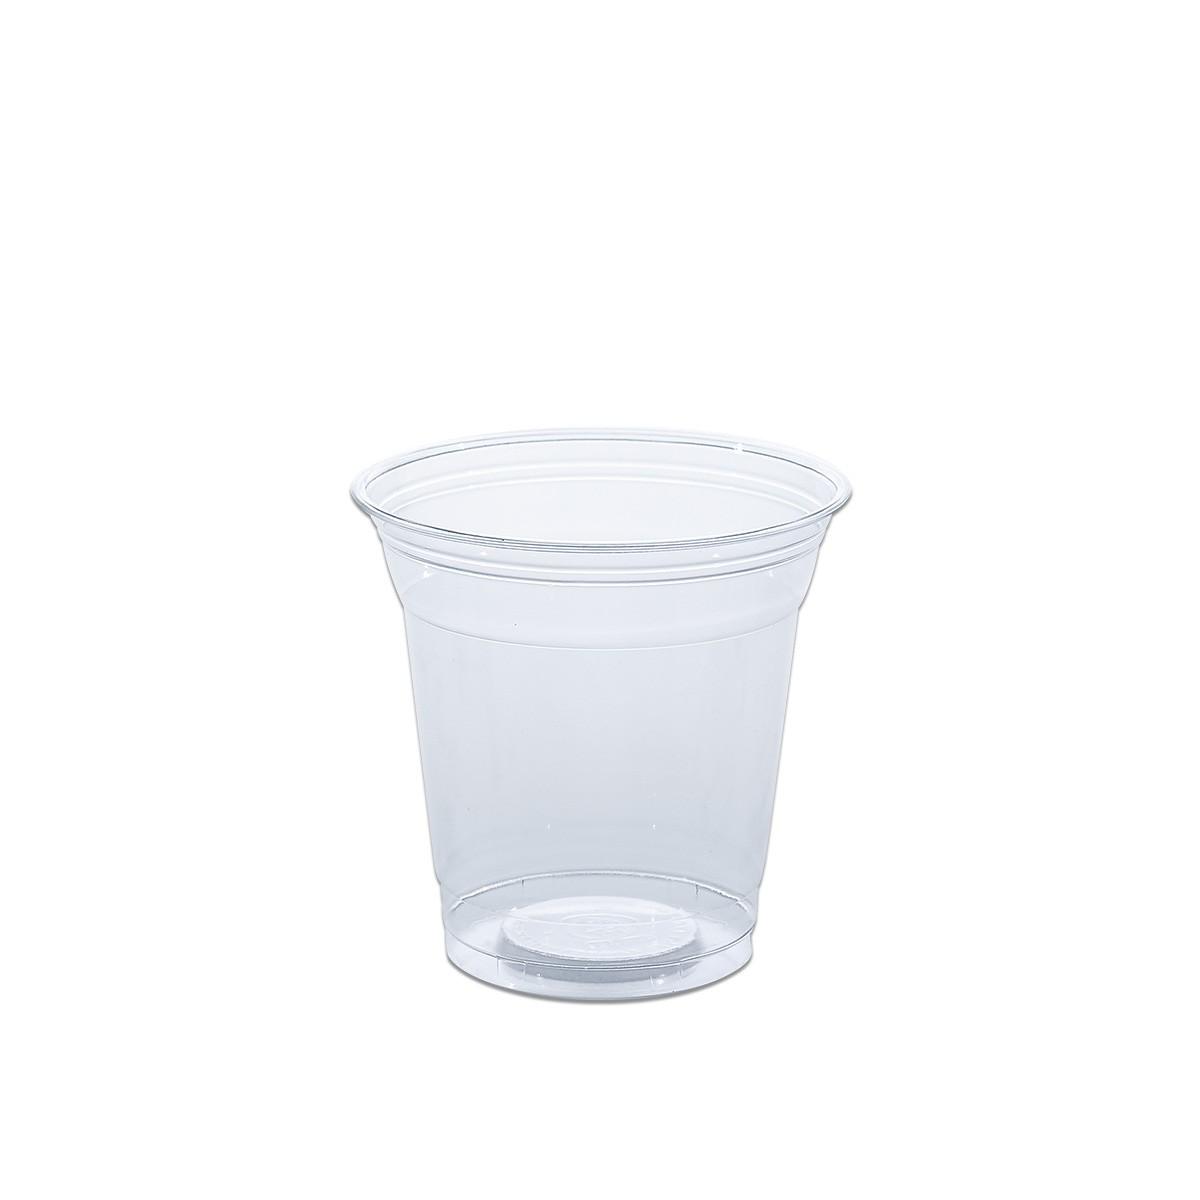 Clear Plastic Wide Cups 12oz - PET | 50pcsx20pkts